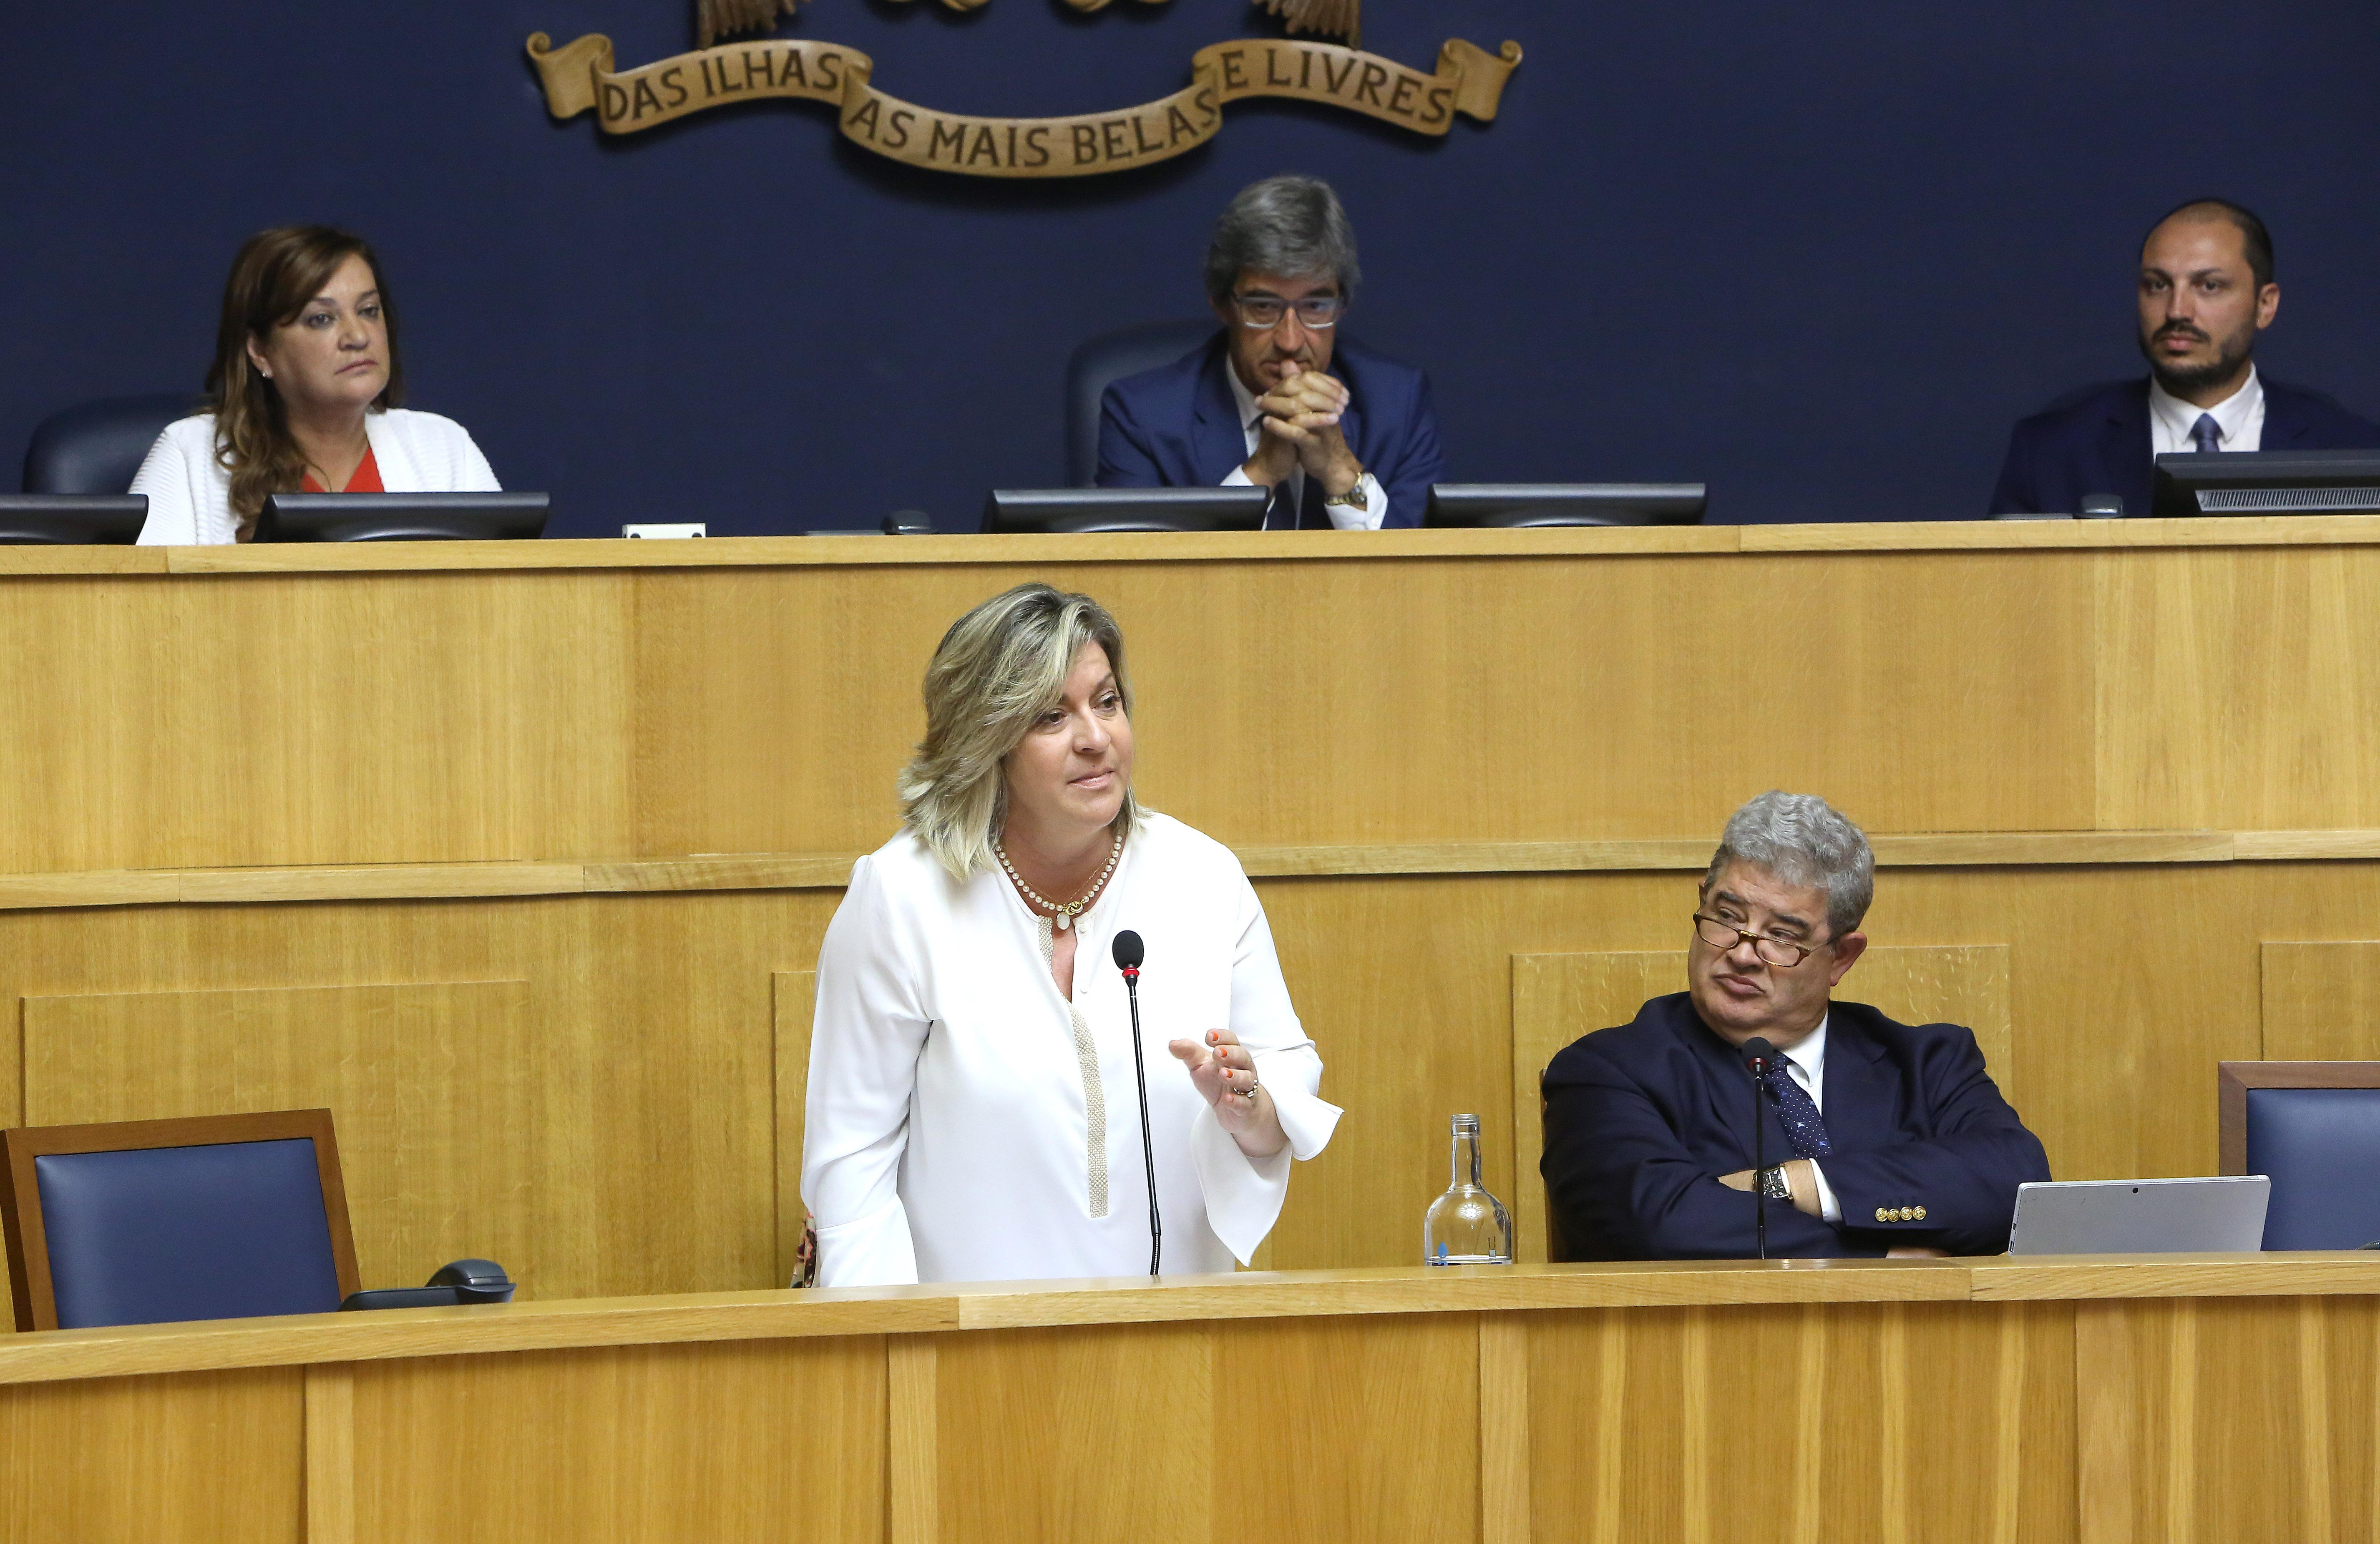 Governo duplica beneficiários do Subsídio de Apoio ao Cuidador e aumenta número de camas nos lares